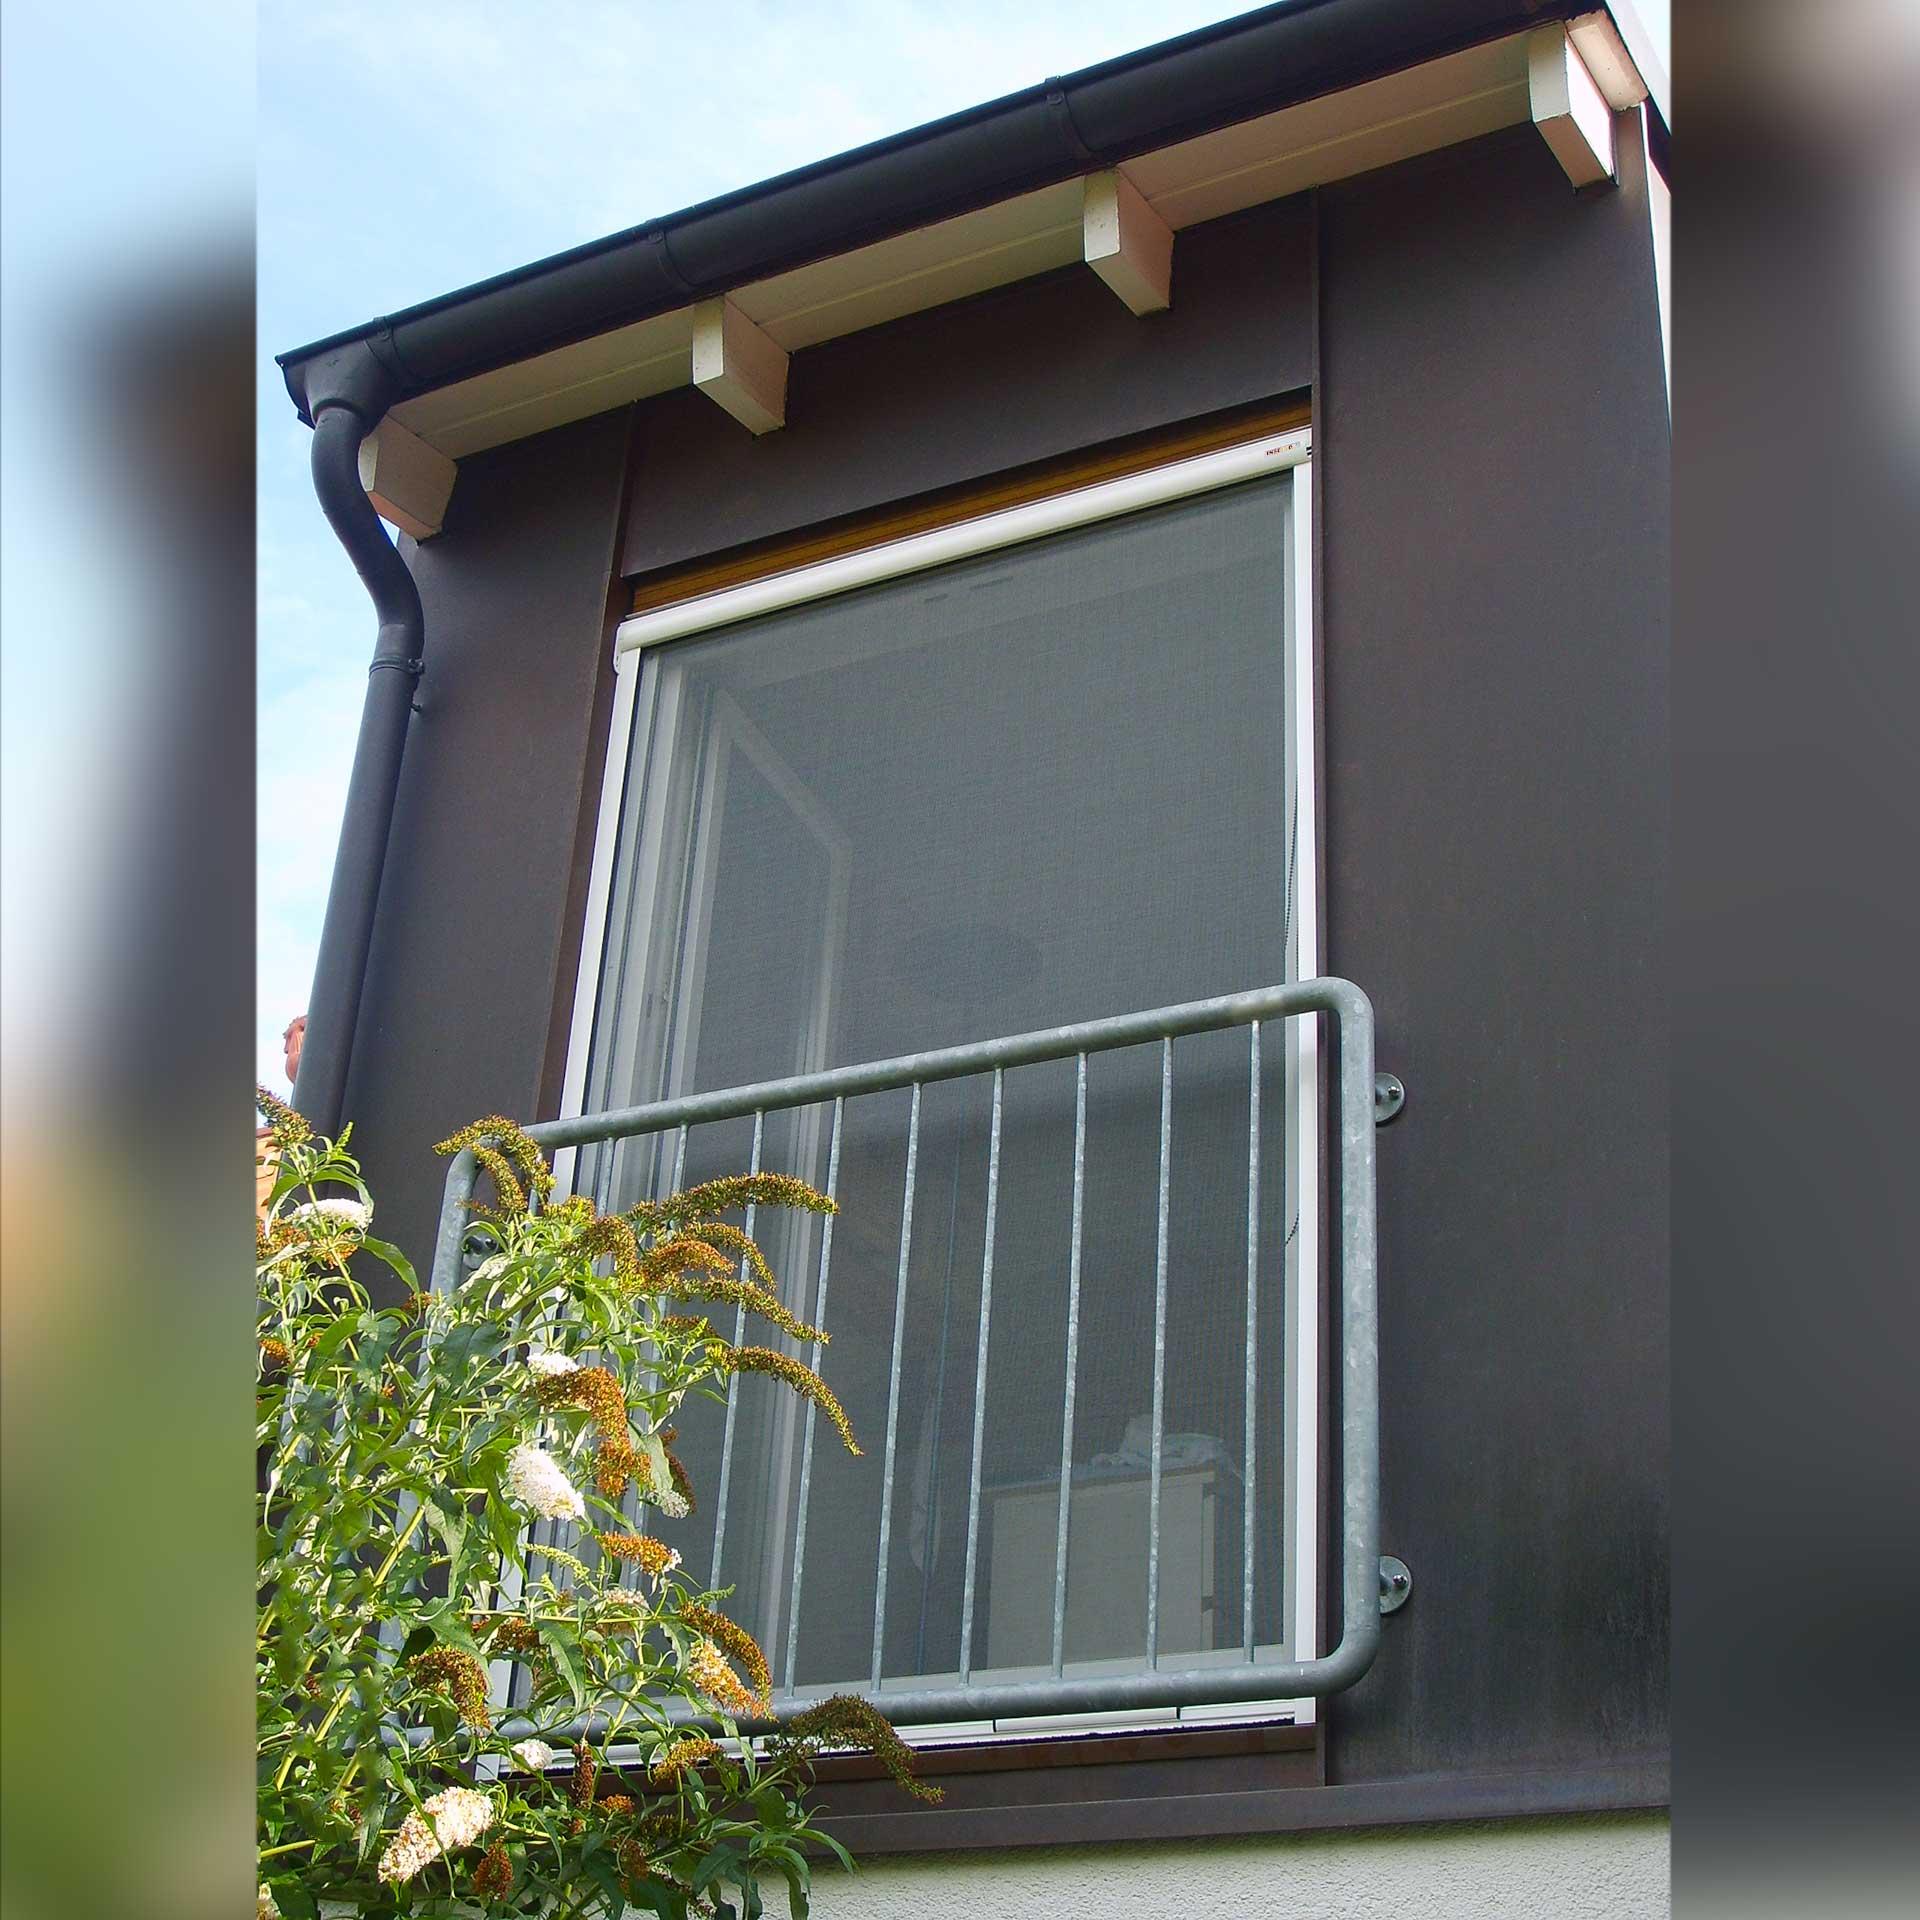 Insektenschutzrollo, auch für sehr breite bodentiefe Fenster geeignet | Multiline